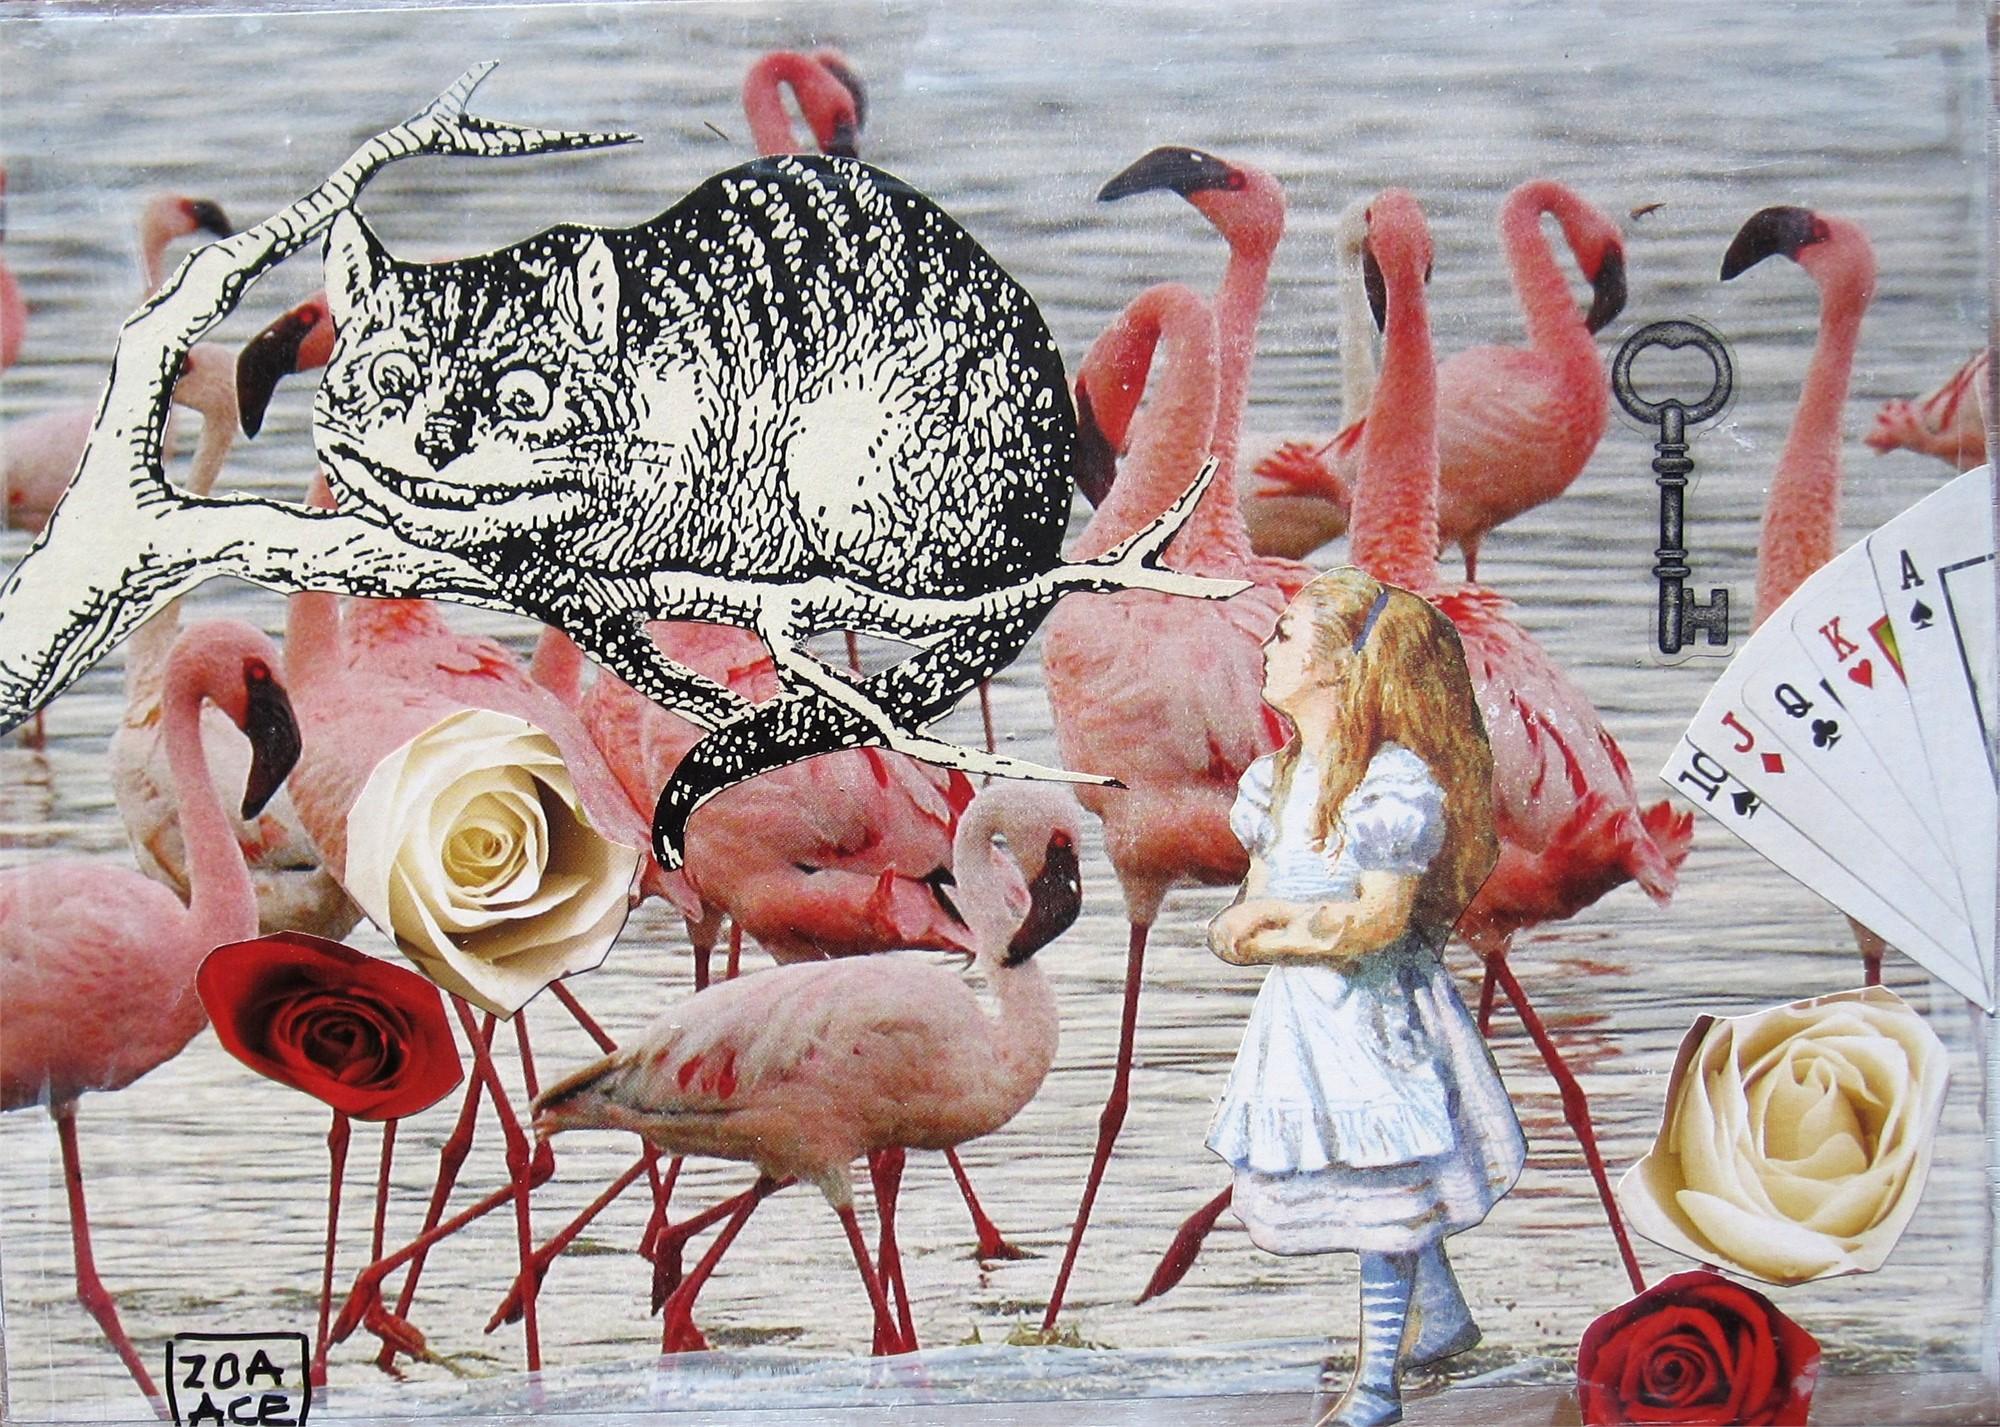 Wonderland by Zoa Ace